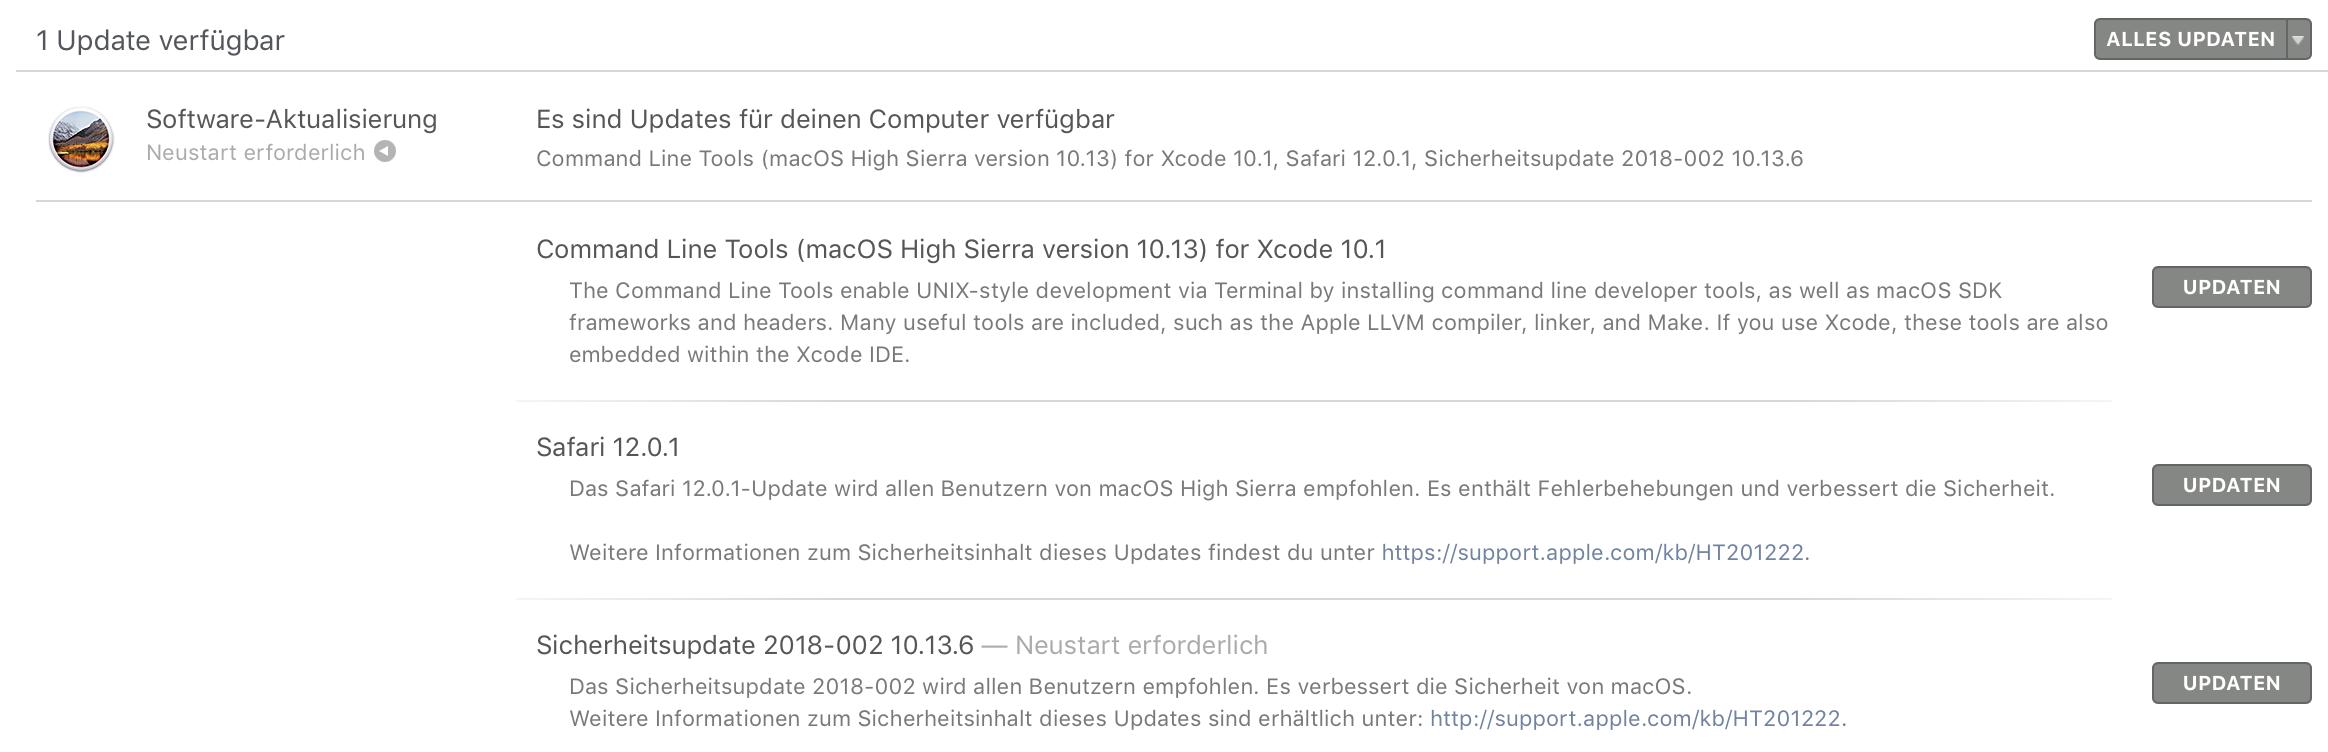 Safari_12.0.1_und_Sicherheitsupdate_2018-002_10.13.6